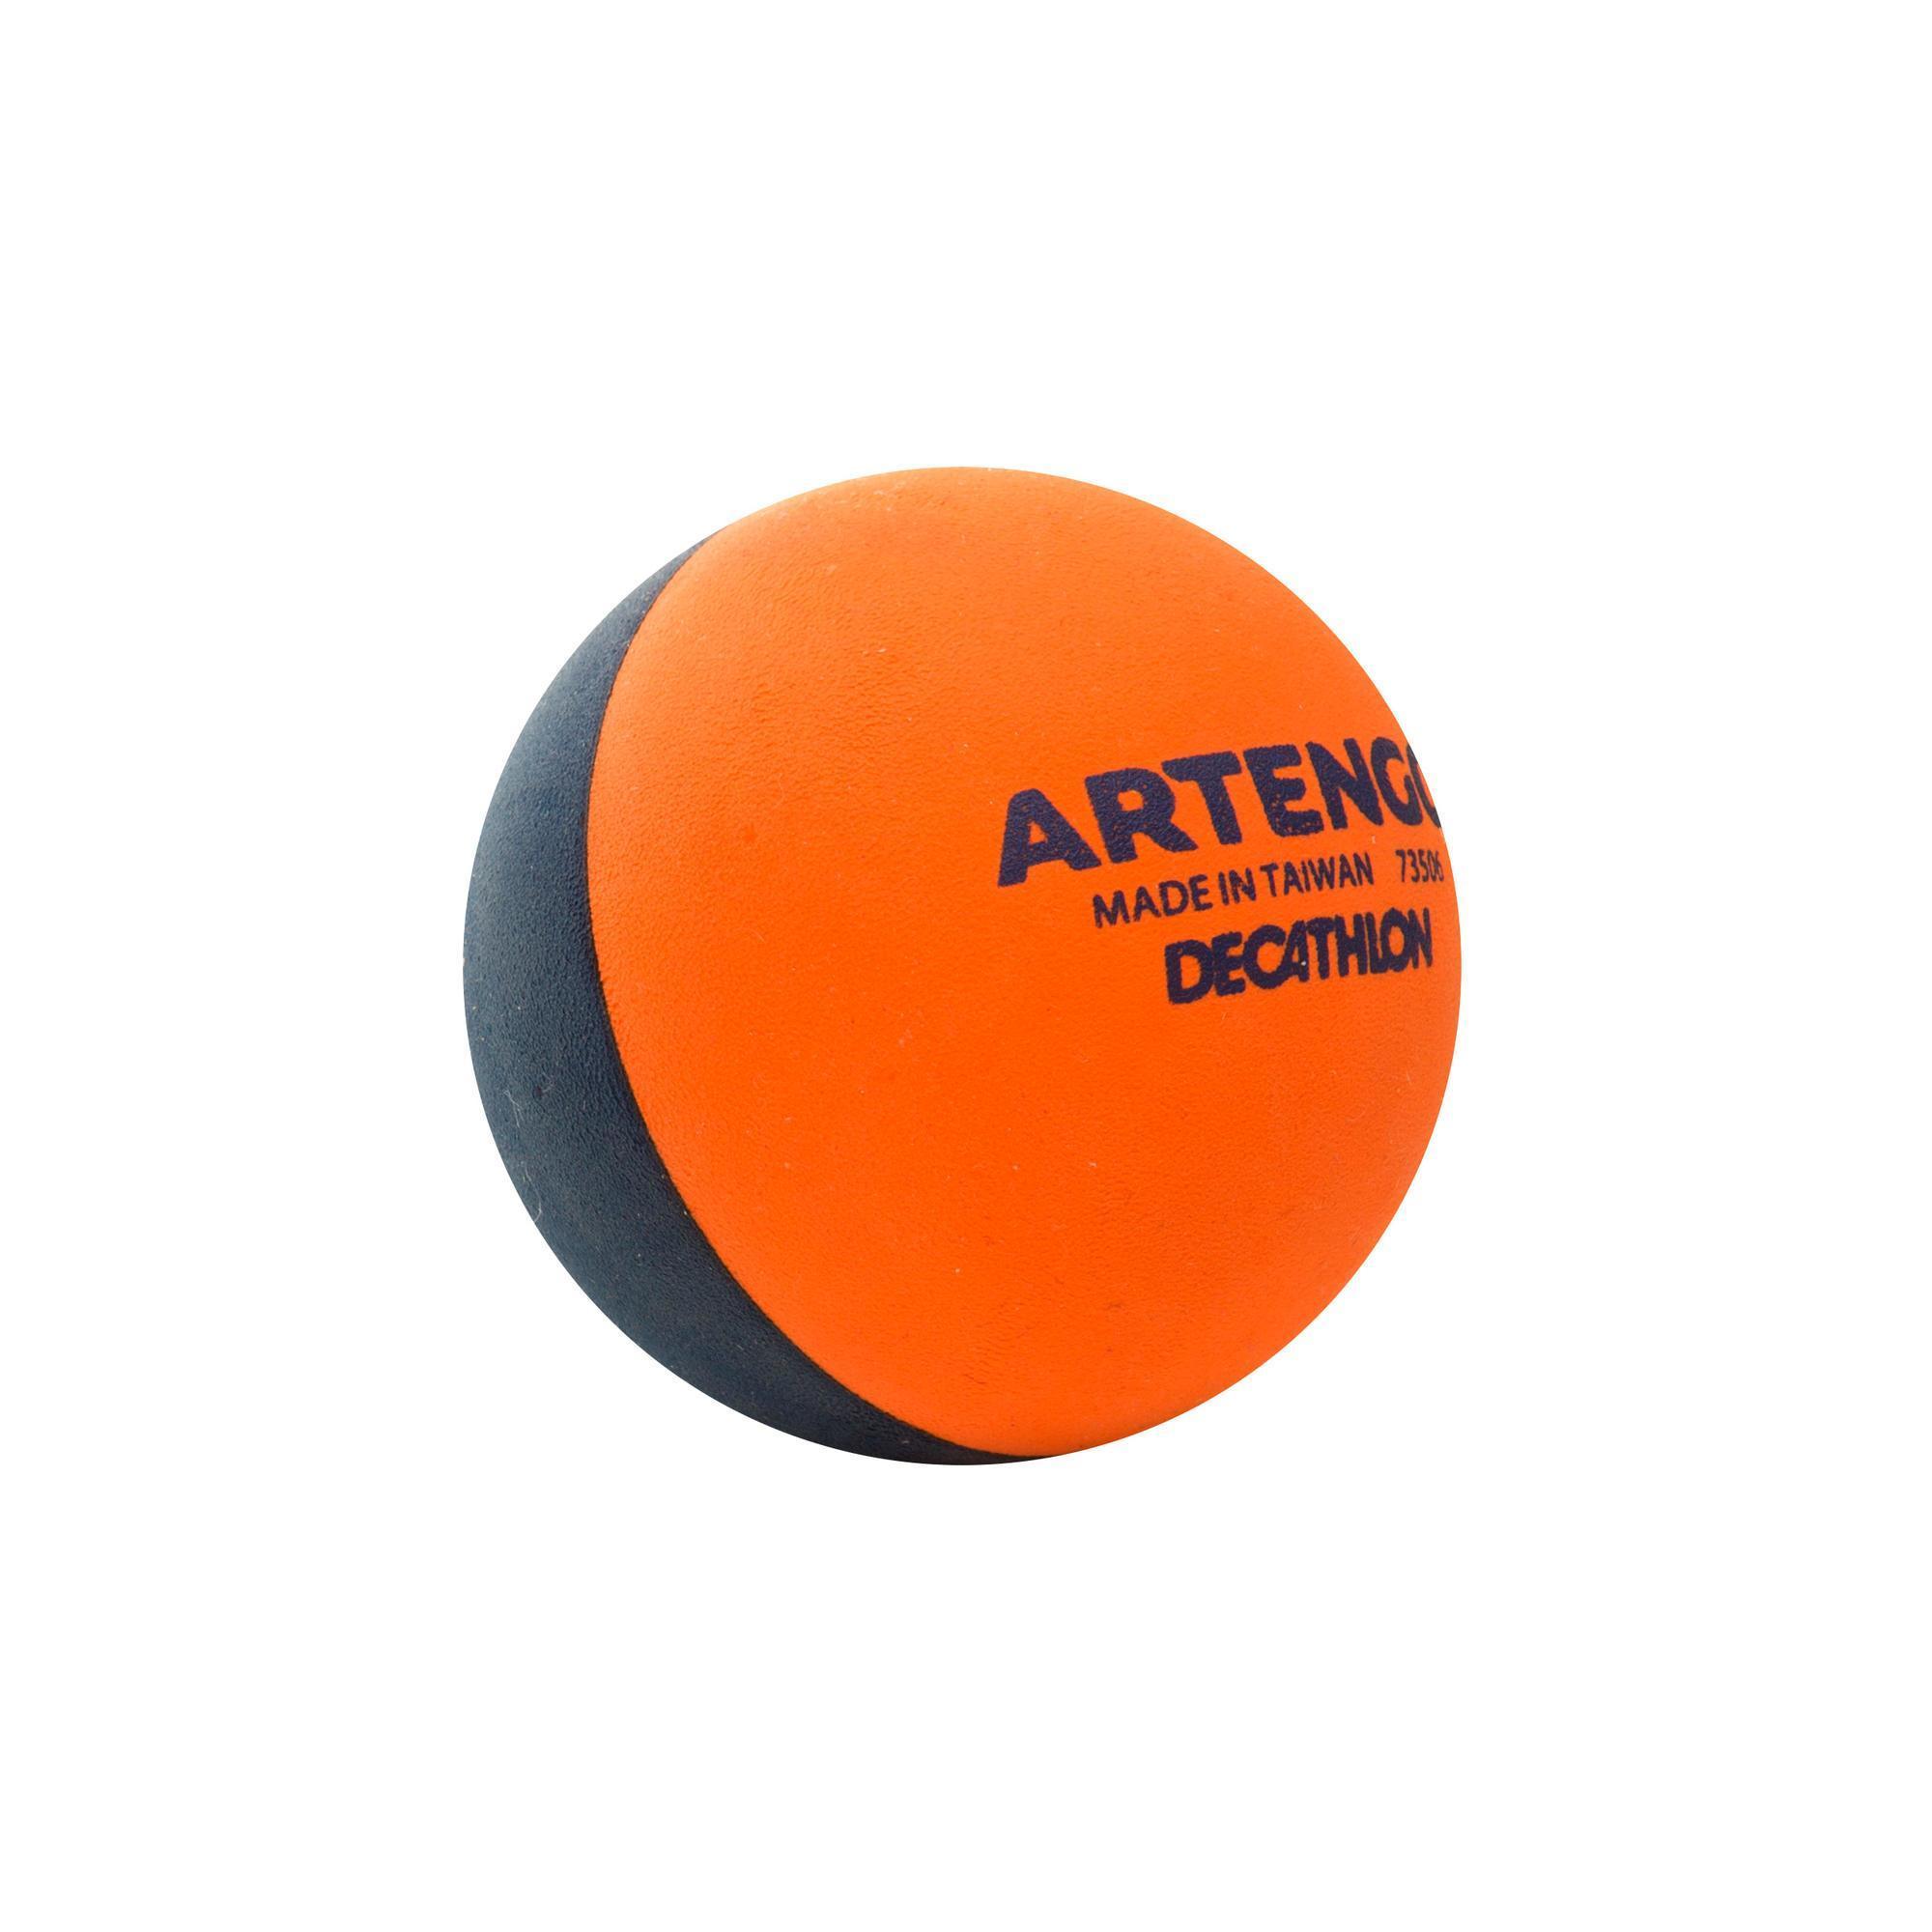 Racketball kopen met voordeel